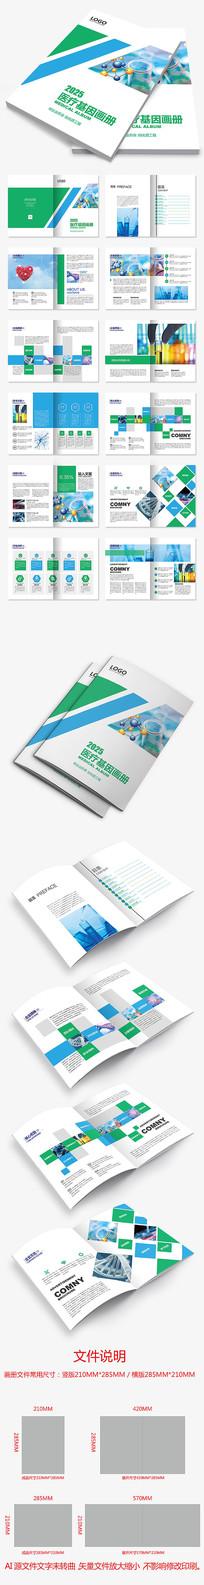 蓝绿医疗画册医药画册生物基因实验制药画册